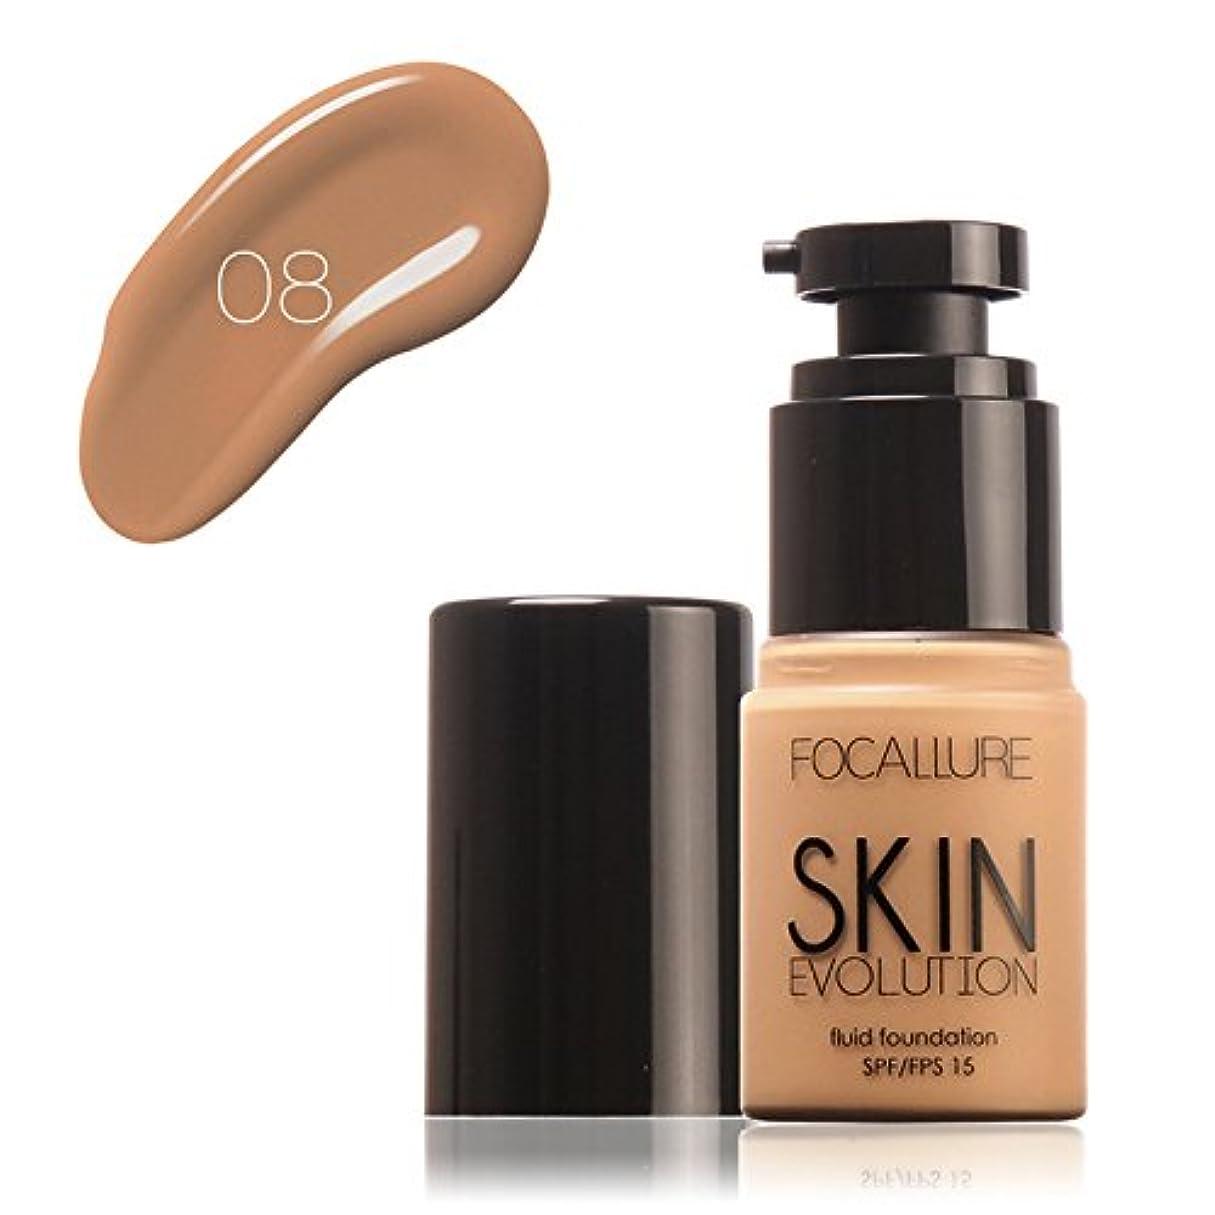 最初は意外教Symboat BBクリーム リキッド ファンデーション 美白 ブライトナー コンシーラー ロングラスティング フェイスベース プライマー メイクアップ 化粧ベース 美容 化粧品 シミ くま ニキビ隠し 日焼け止め UV対策